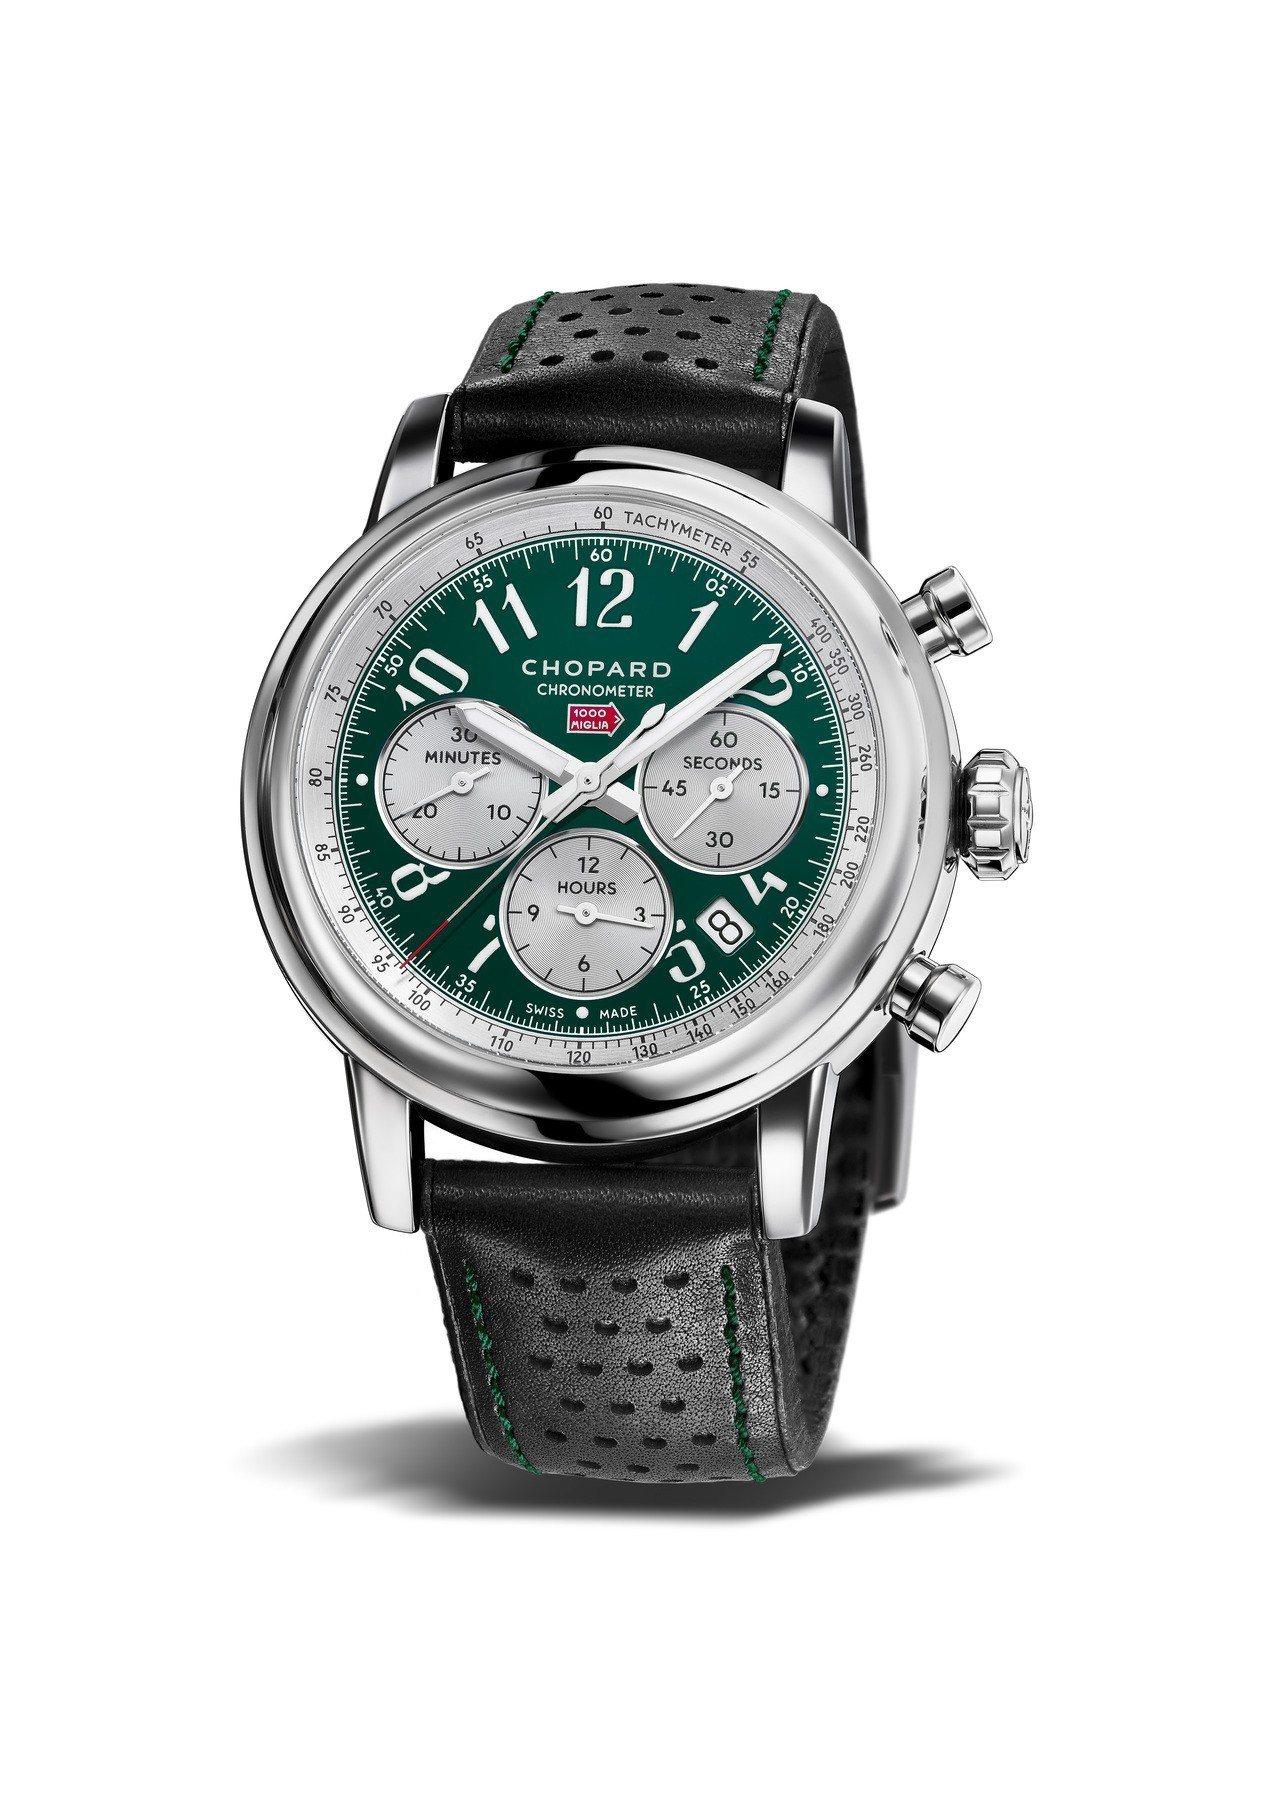 蕭邦Mille Miglia Racing Colours腕表,英國綠色表盤搭配...